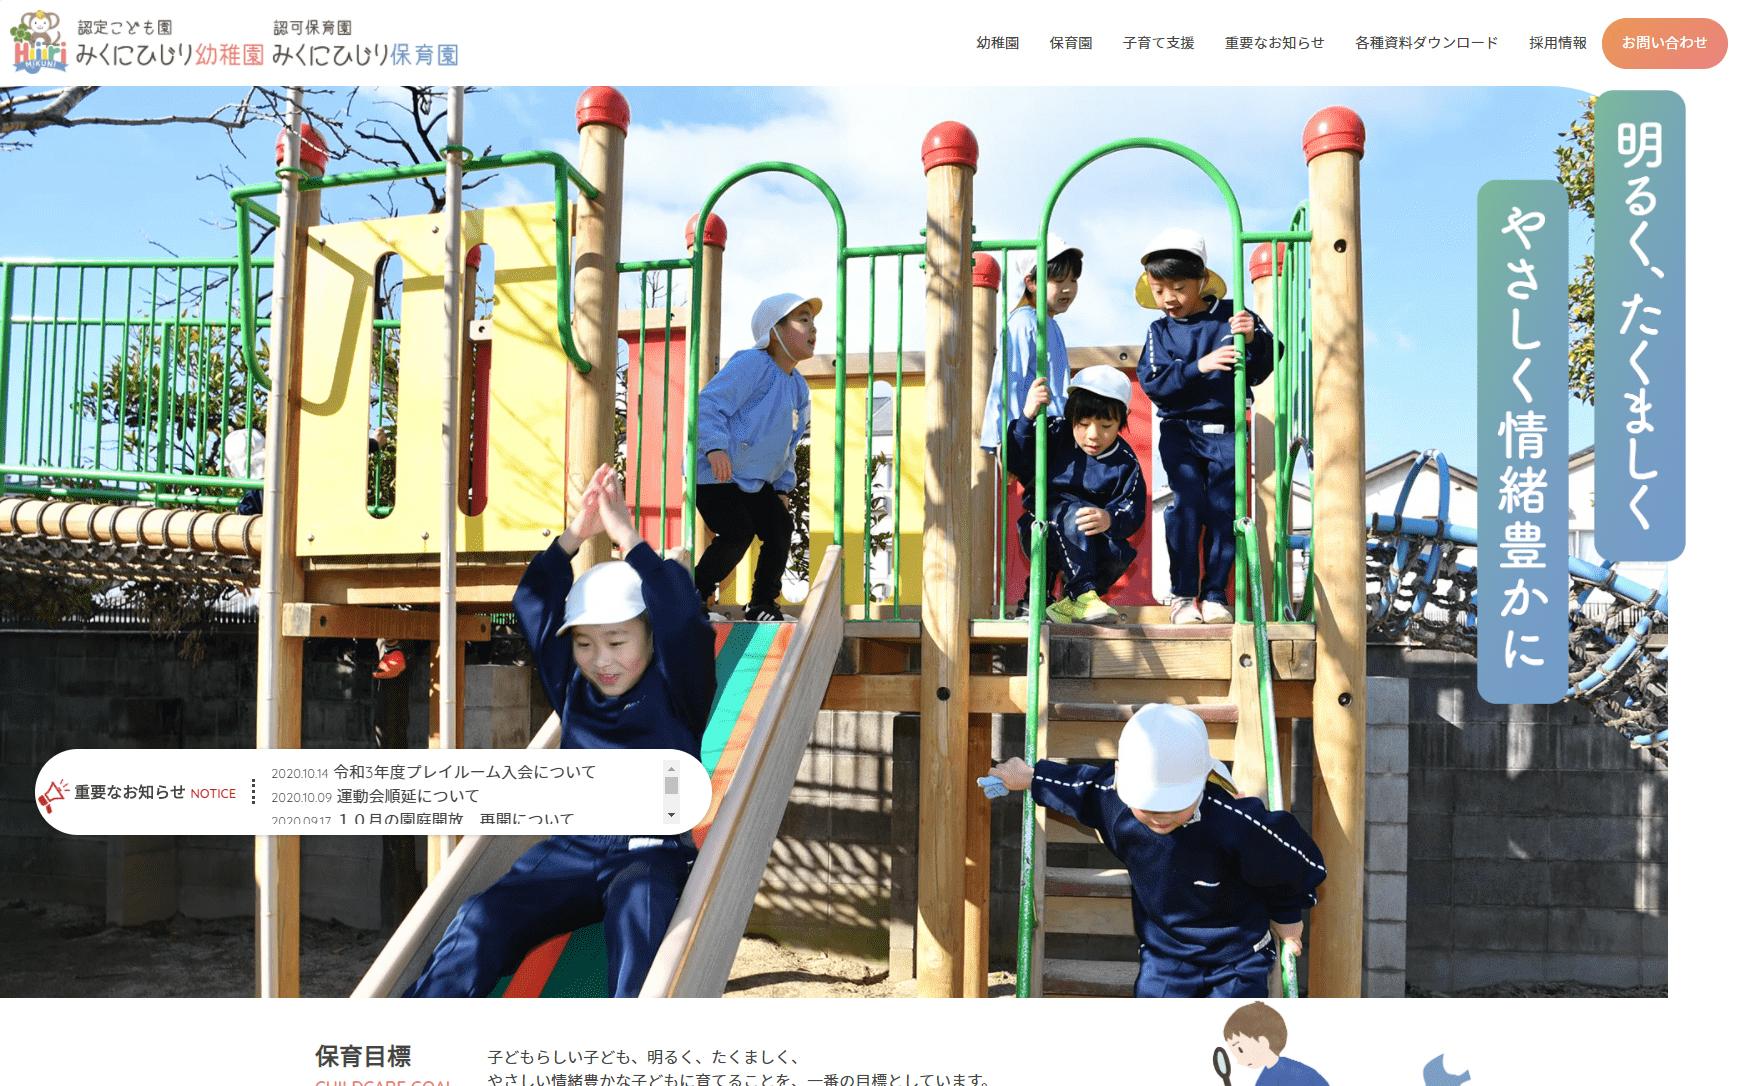 キャプチャ写真:みくにひじり幼稚園・みくにひじり保育園 様